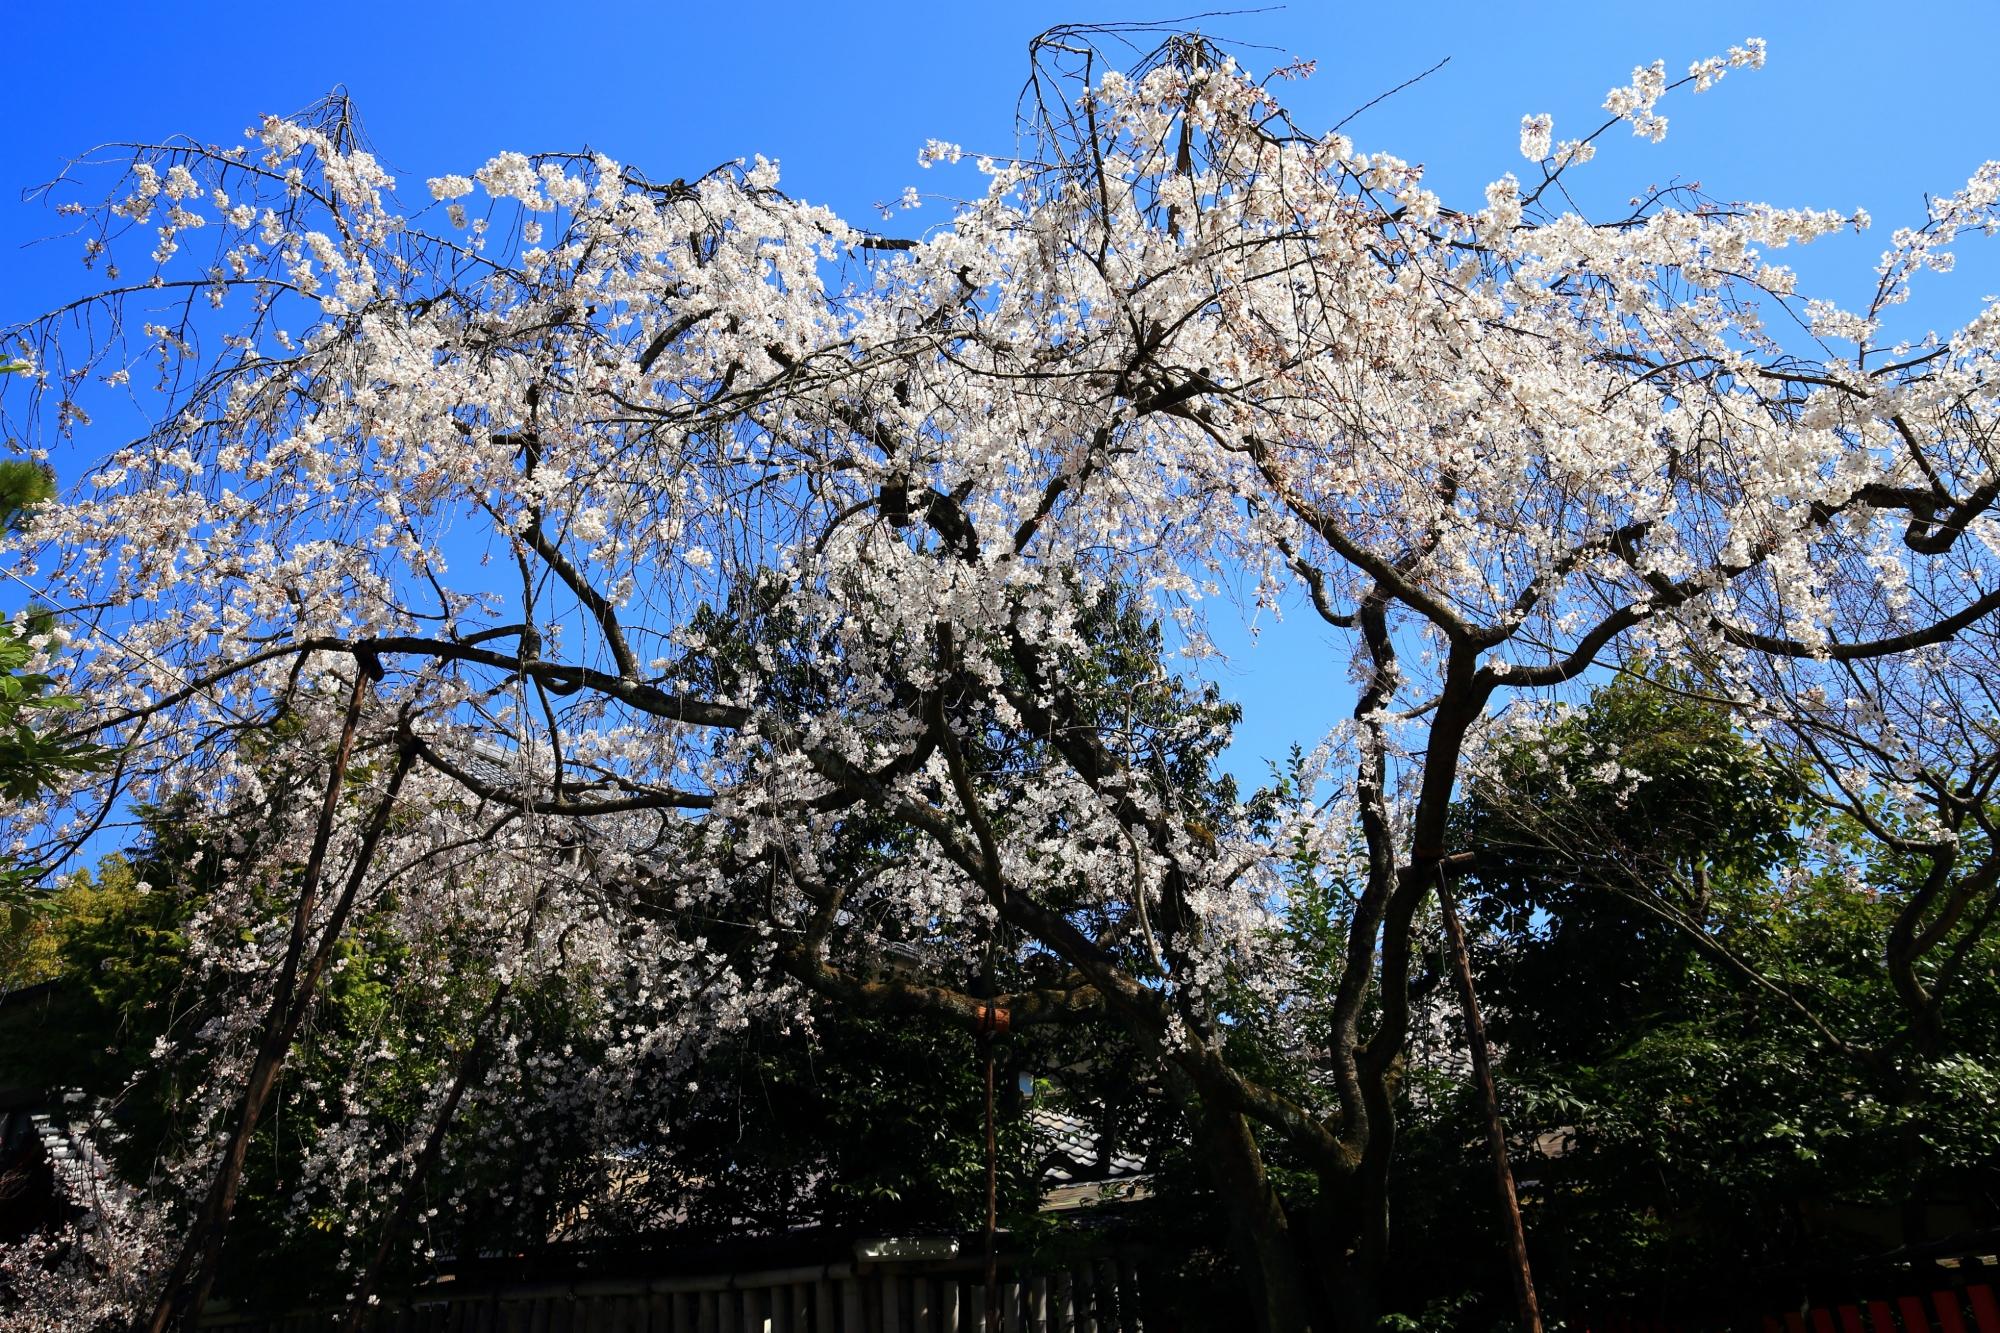 渓仙桜は華やかな白い花を咲かせるしだれ桜